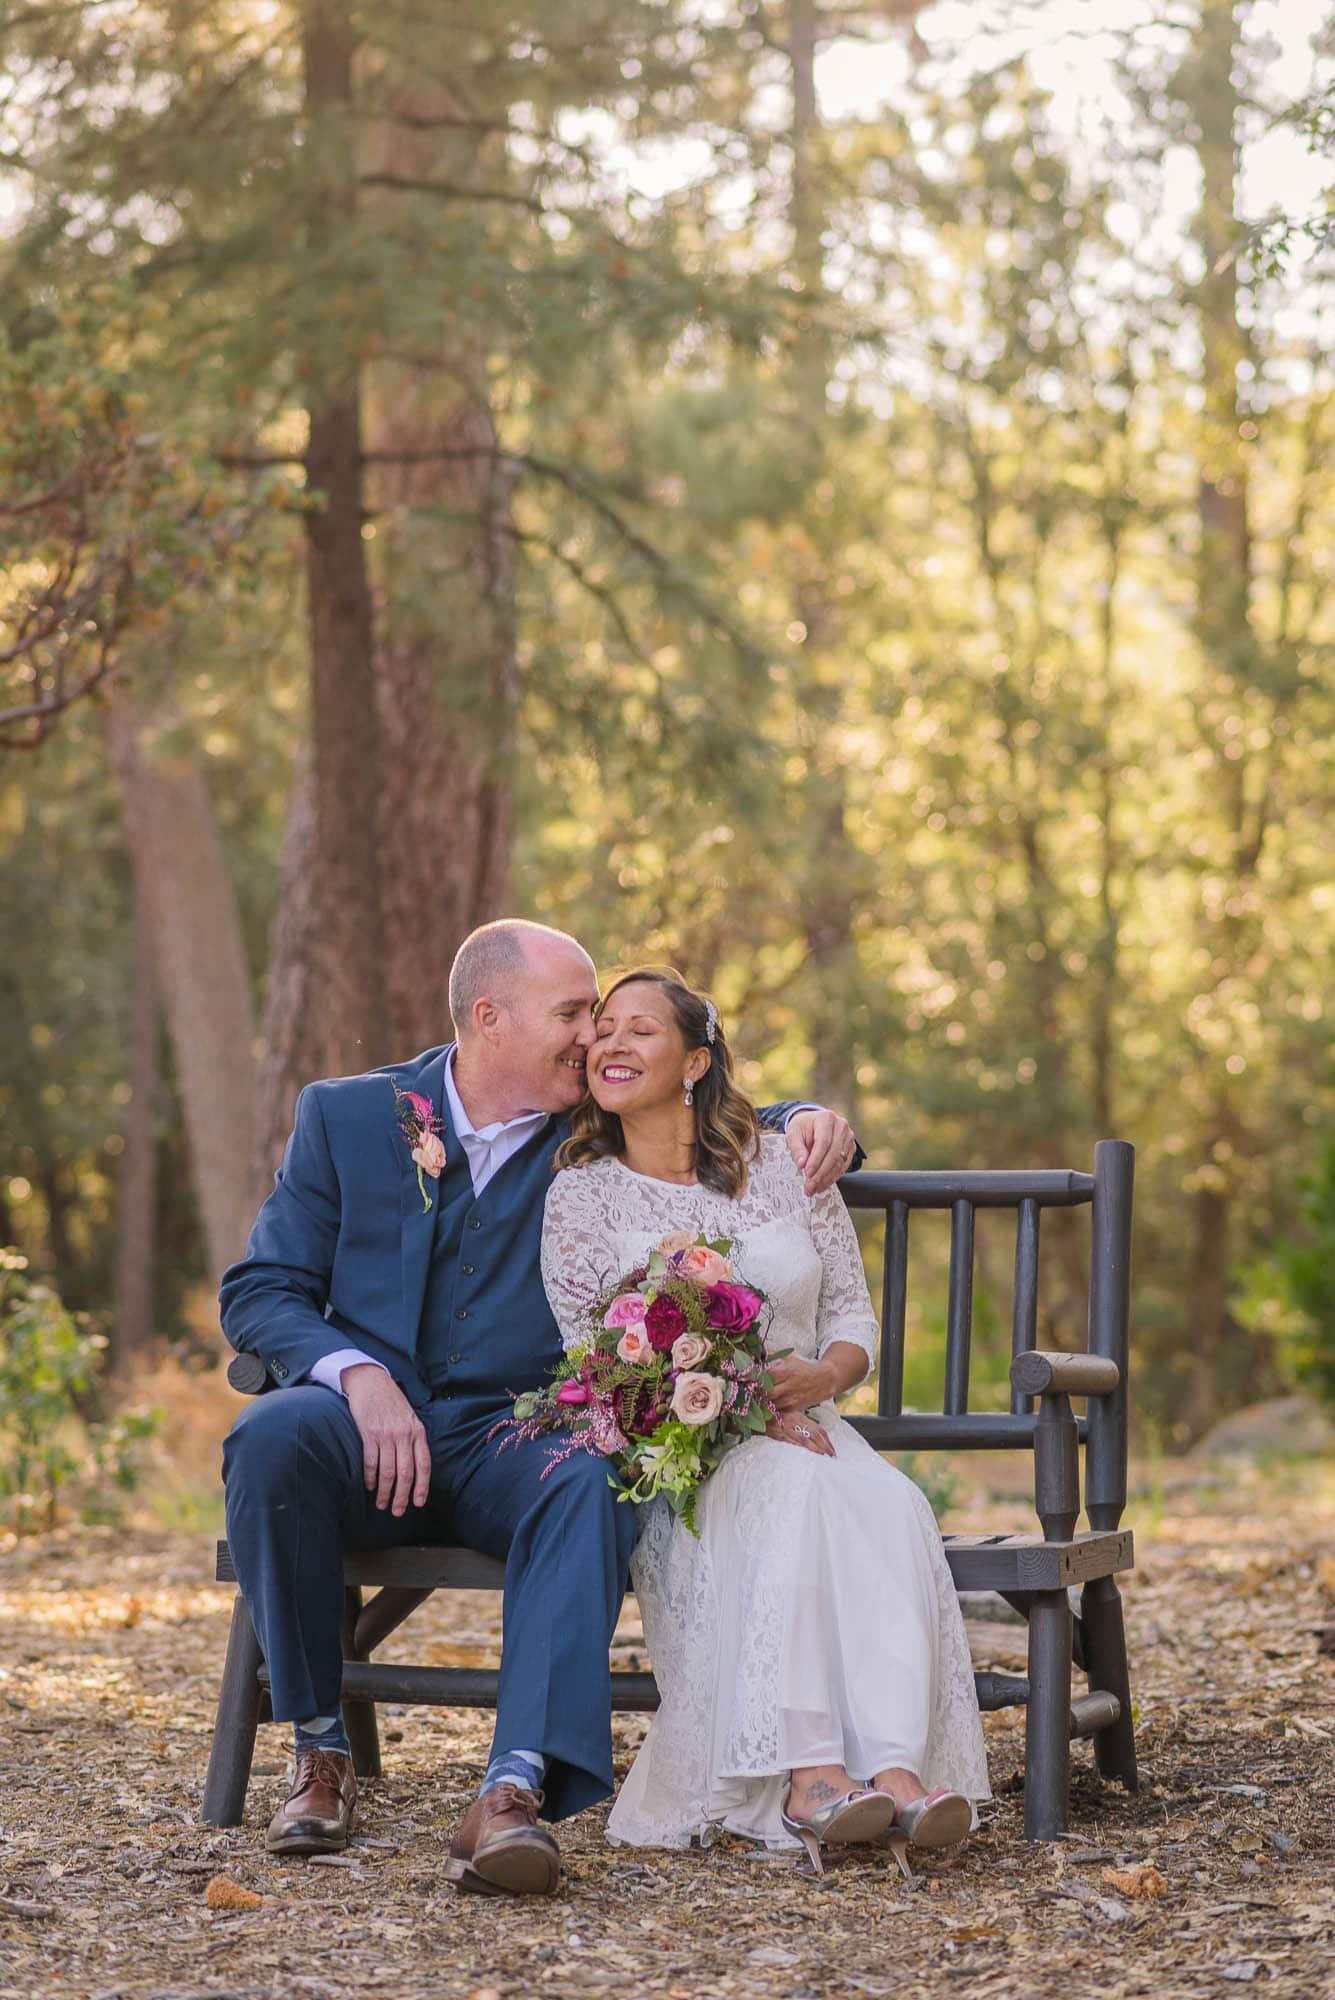 Alan & Heidi Idyllwild Elopement